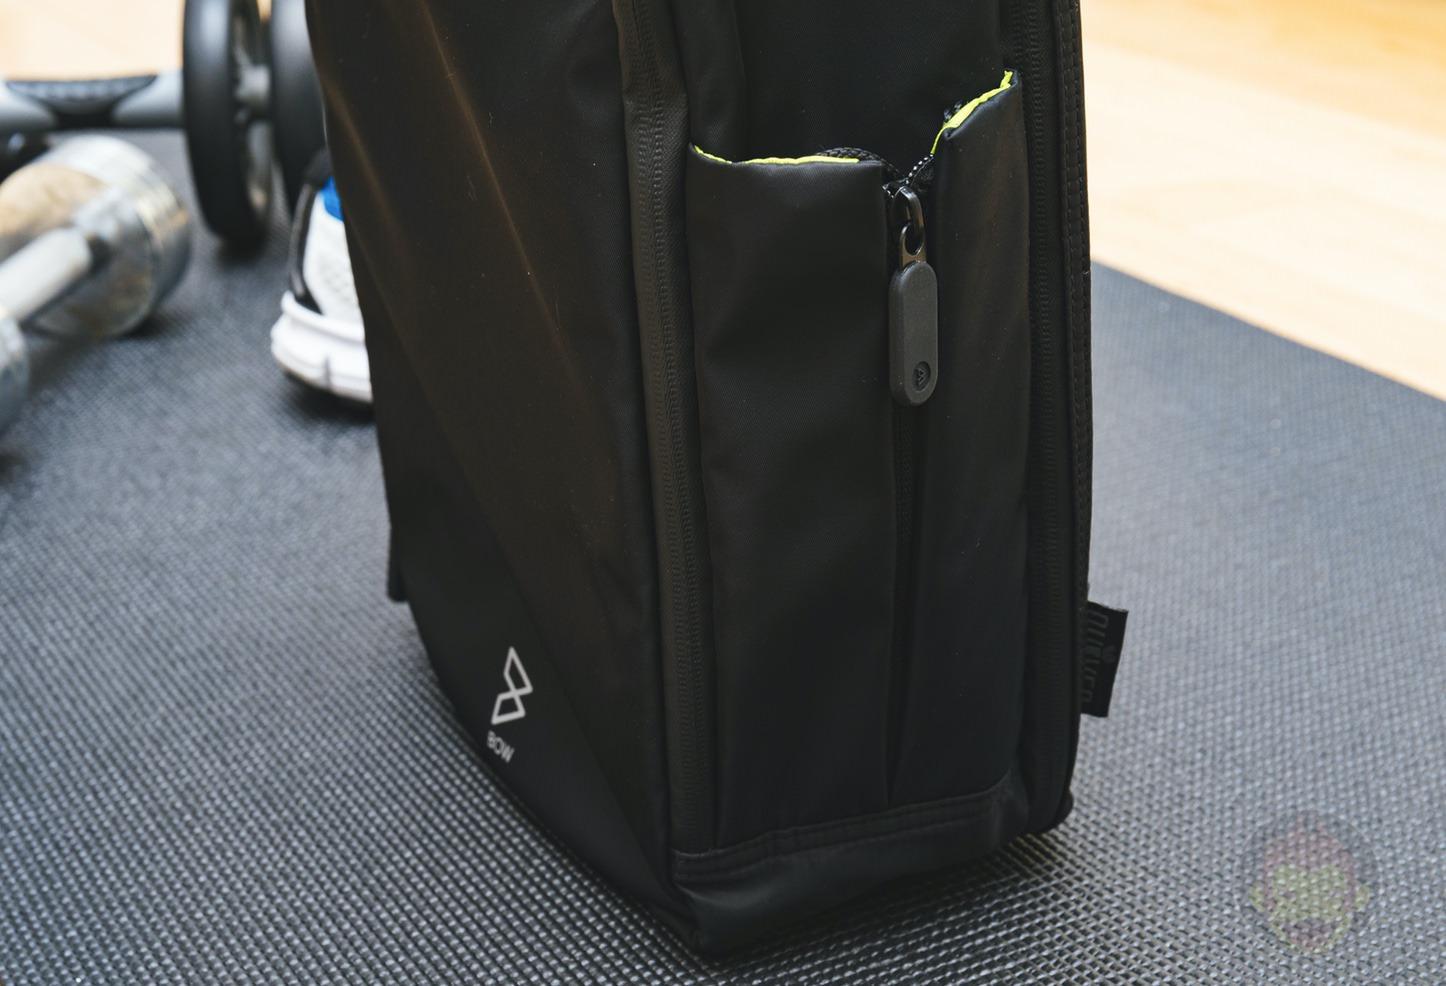 Quiver-Gym-Splashproof-Shoulder-Bag-11.jpg